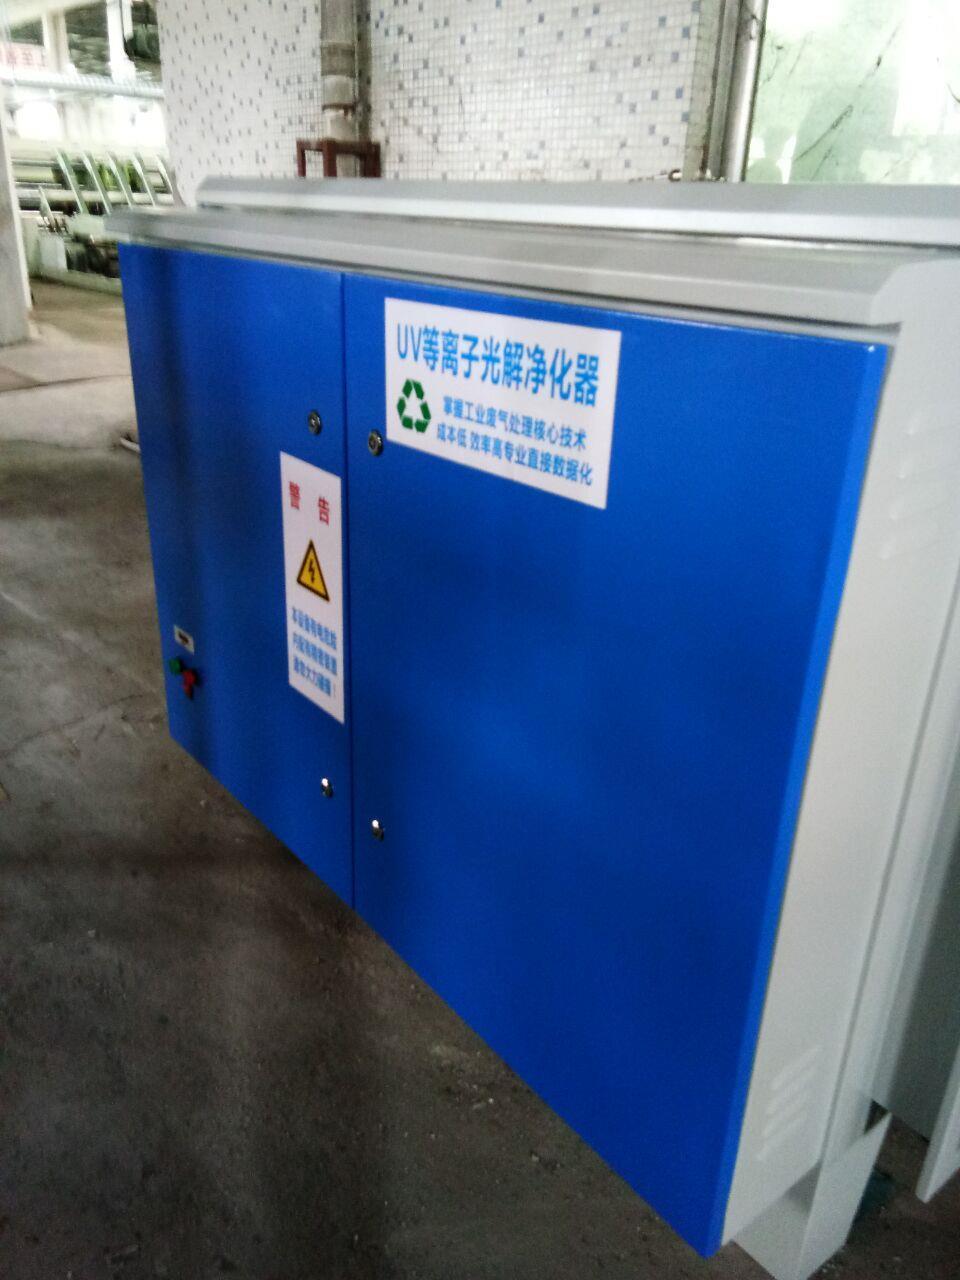 佛山废气处理UV光解净化器除臭装置